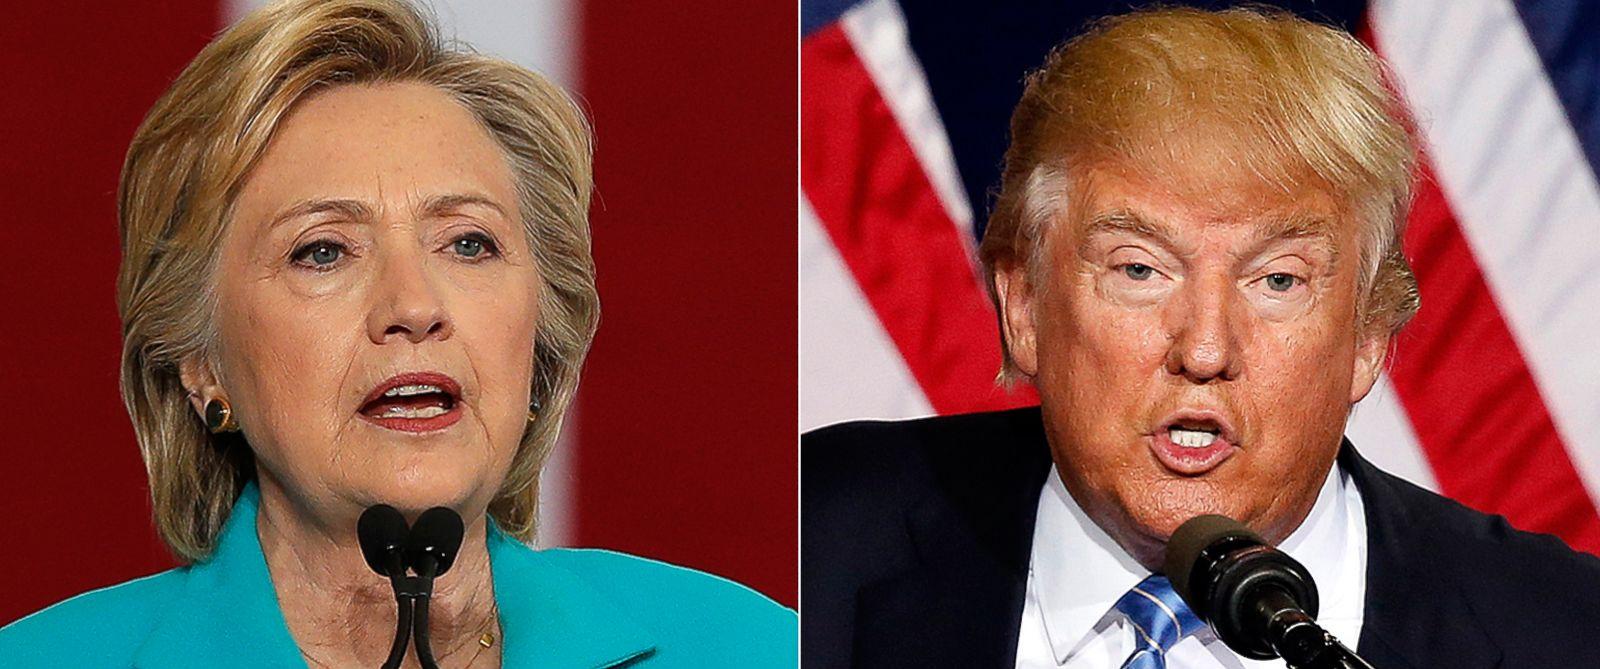 compare hillary clinton donald trump